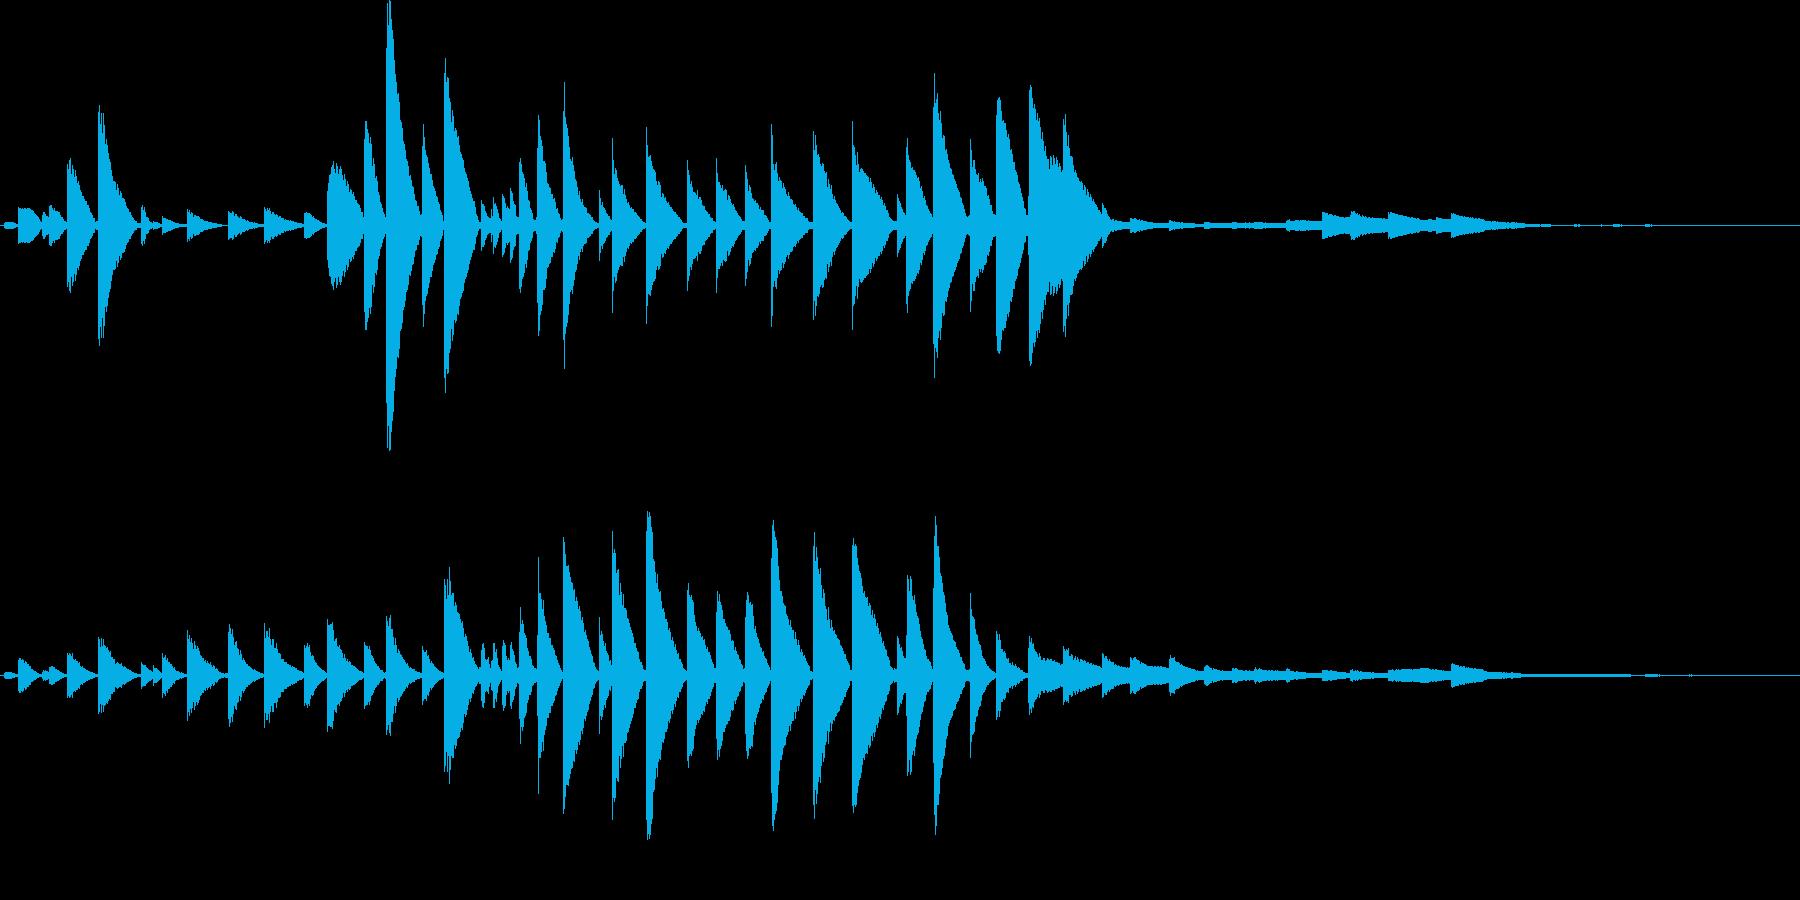 何かが転がるような効果音の再生済みの波形